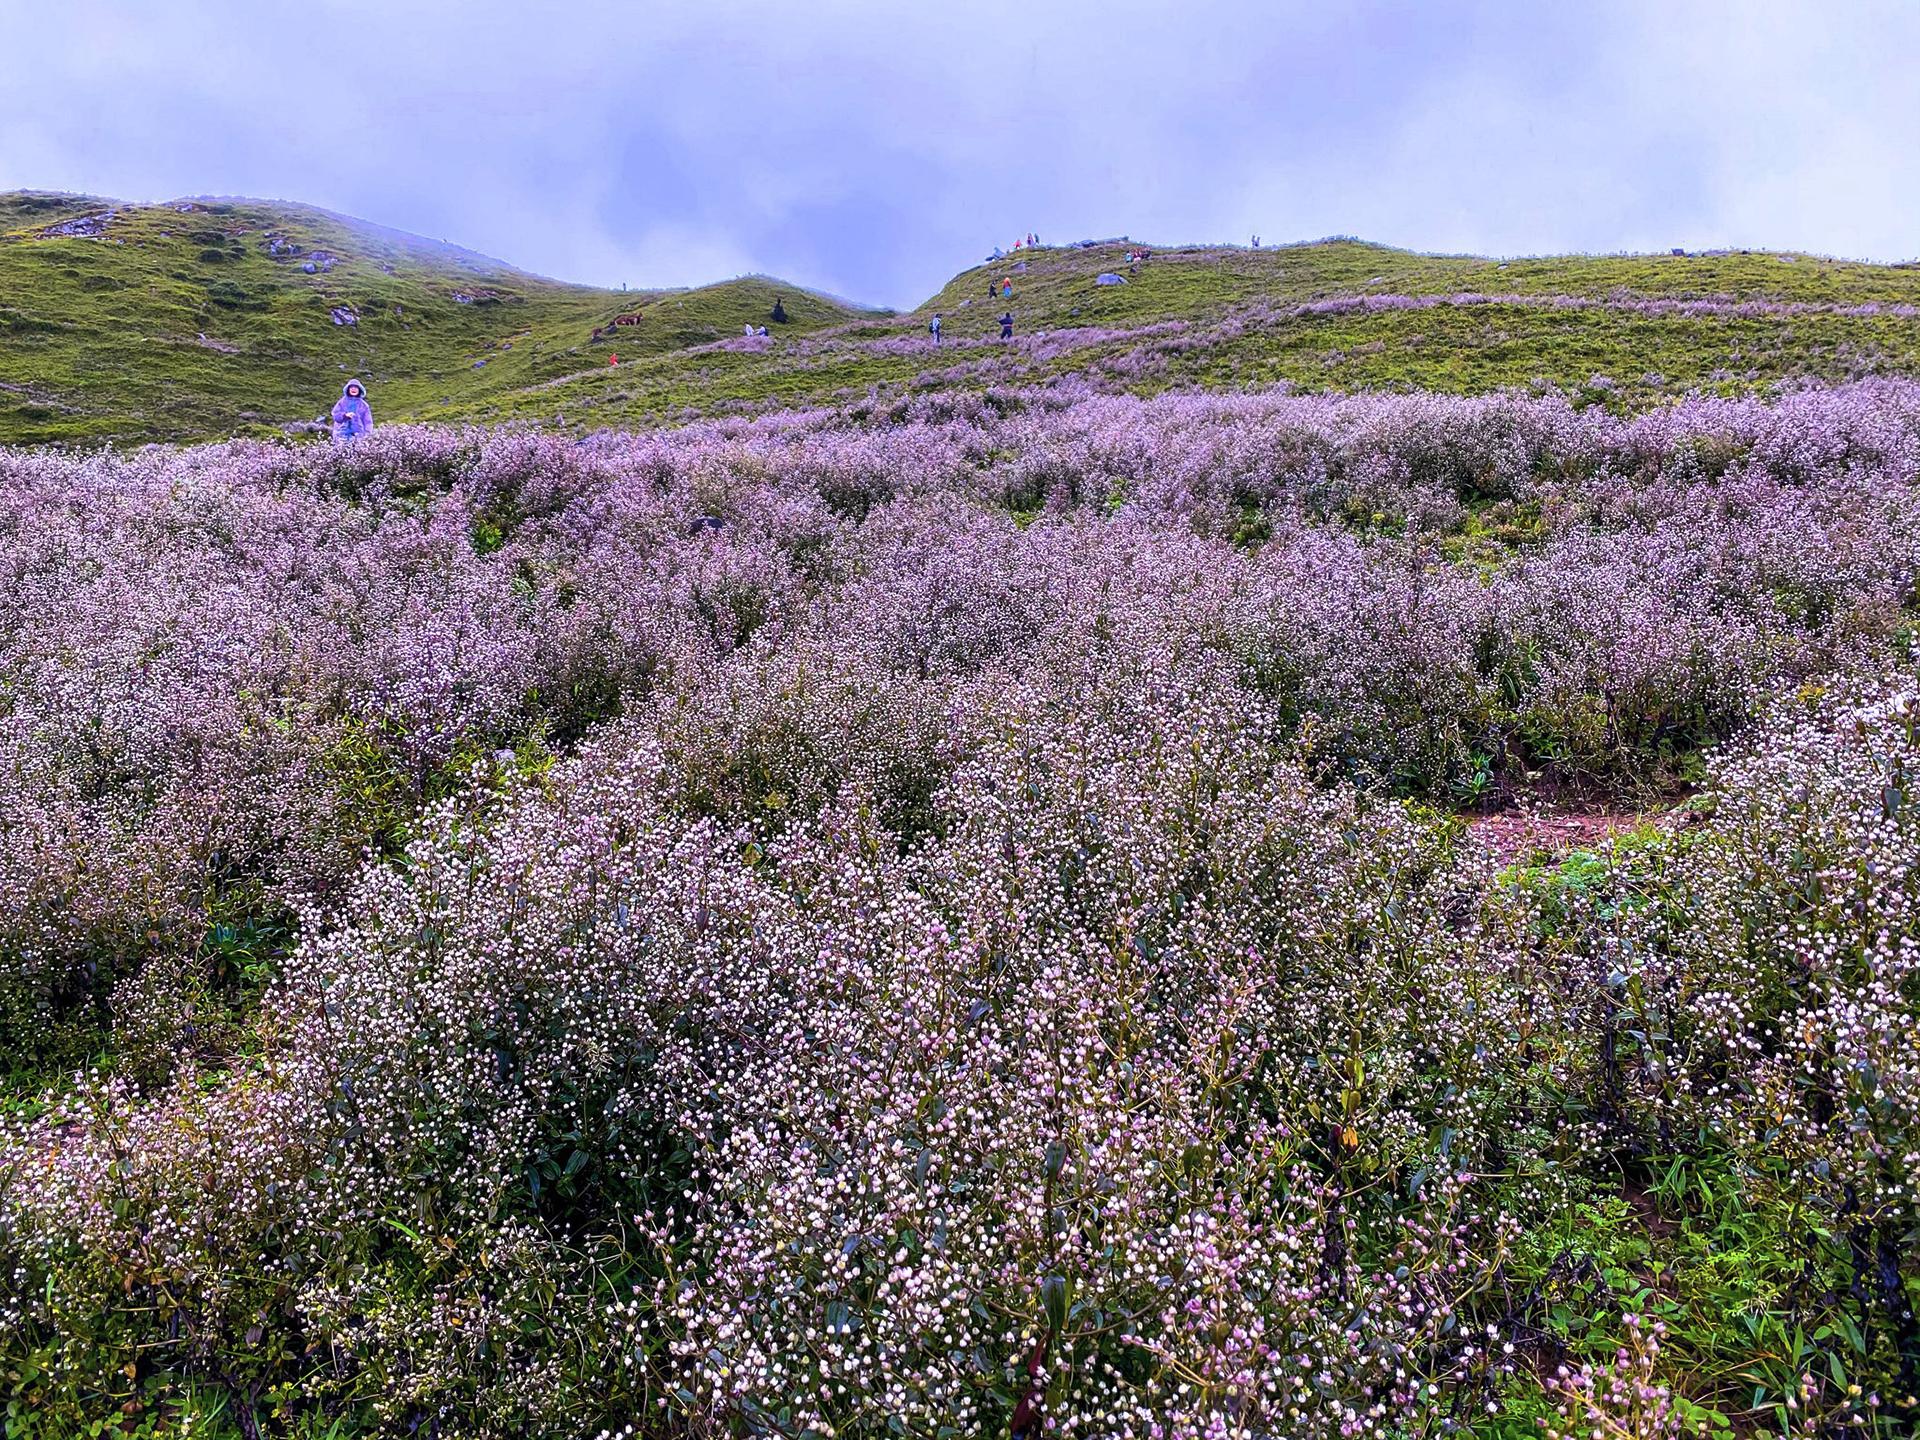 Chinh phục núi Tà Chì Nhù vào mùa hoa tím